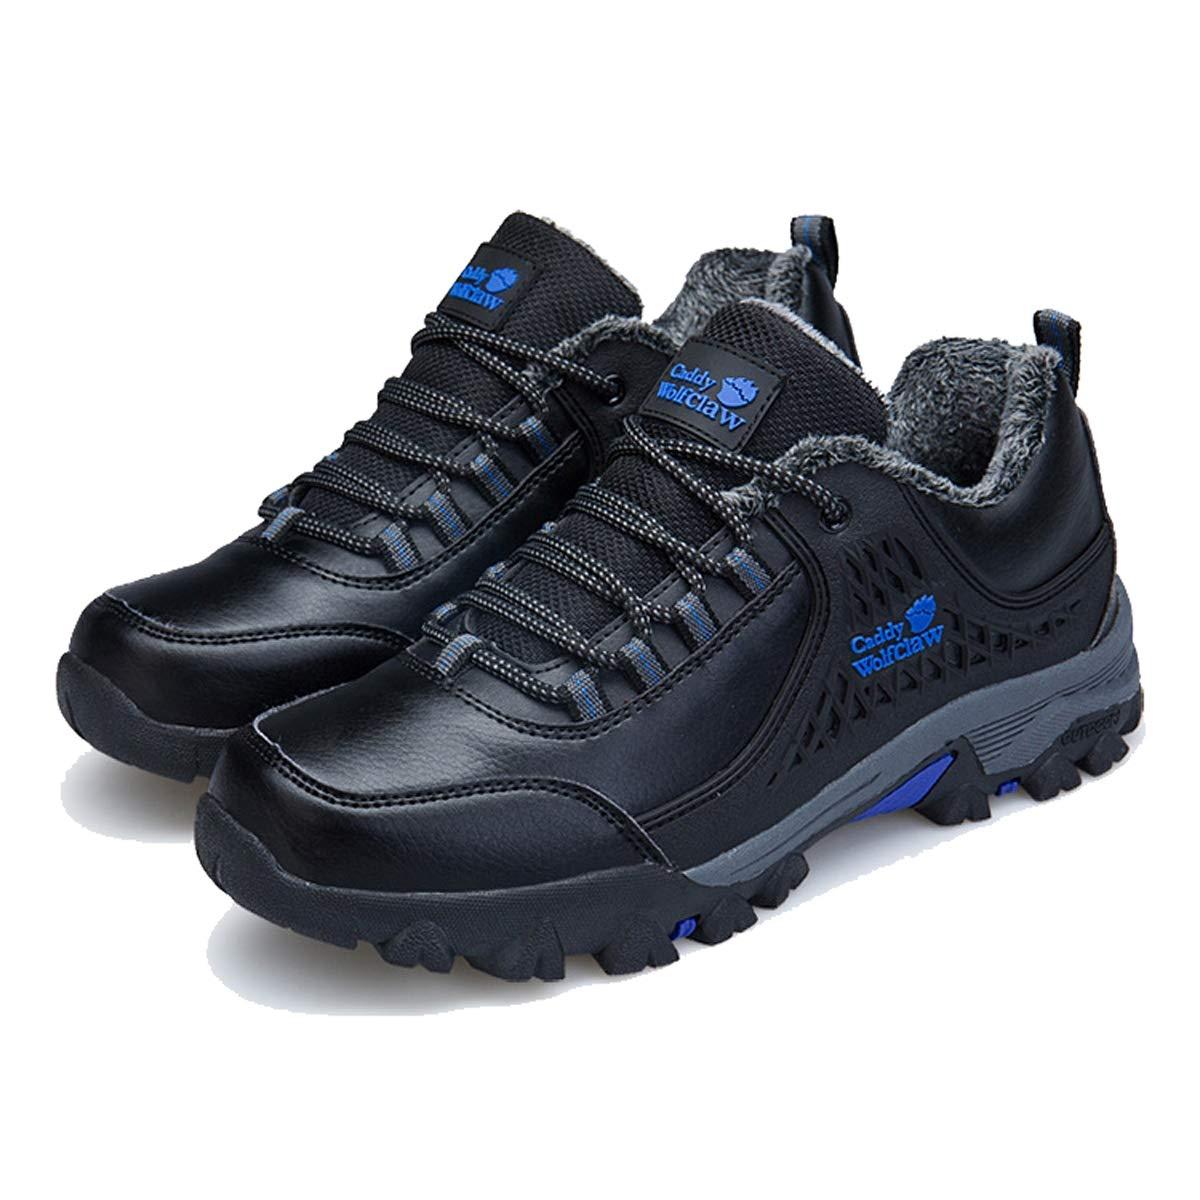 Männer Bergsteigen Stiefel Wanderschuhe Wasser-sichere Schuhe Non Slip Attropfen Schuhe,A,43EU